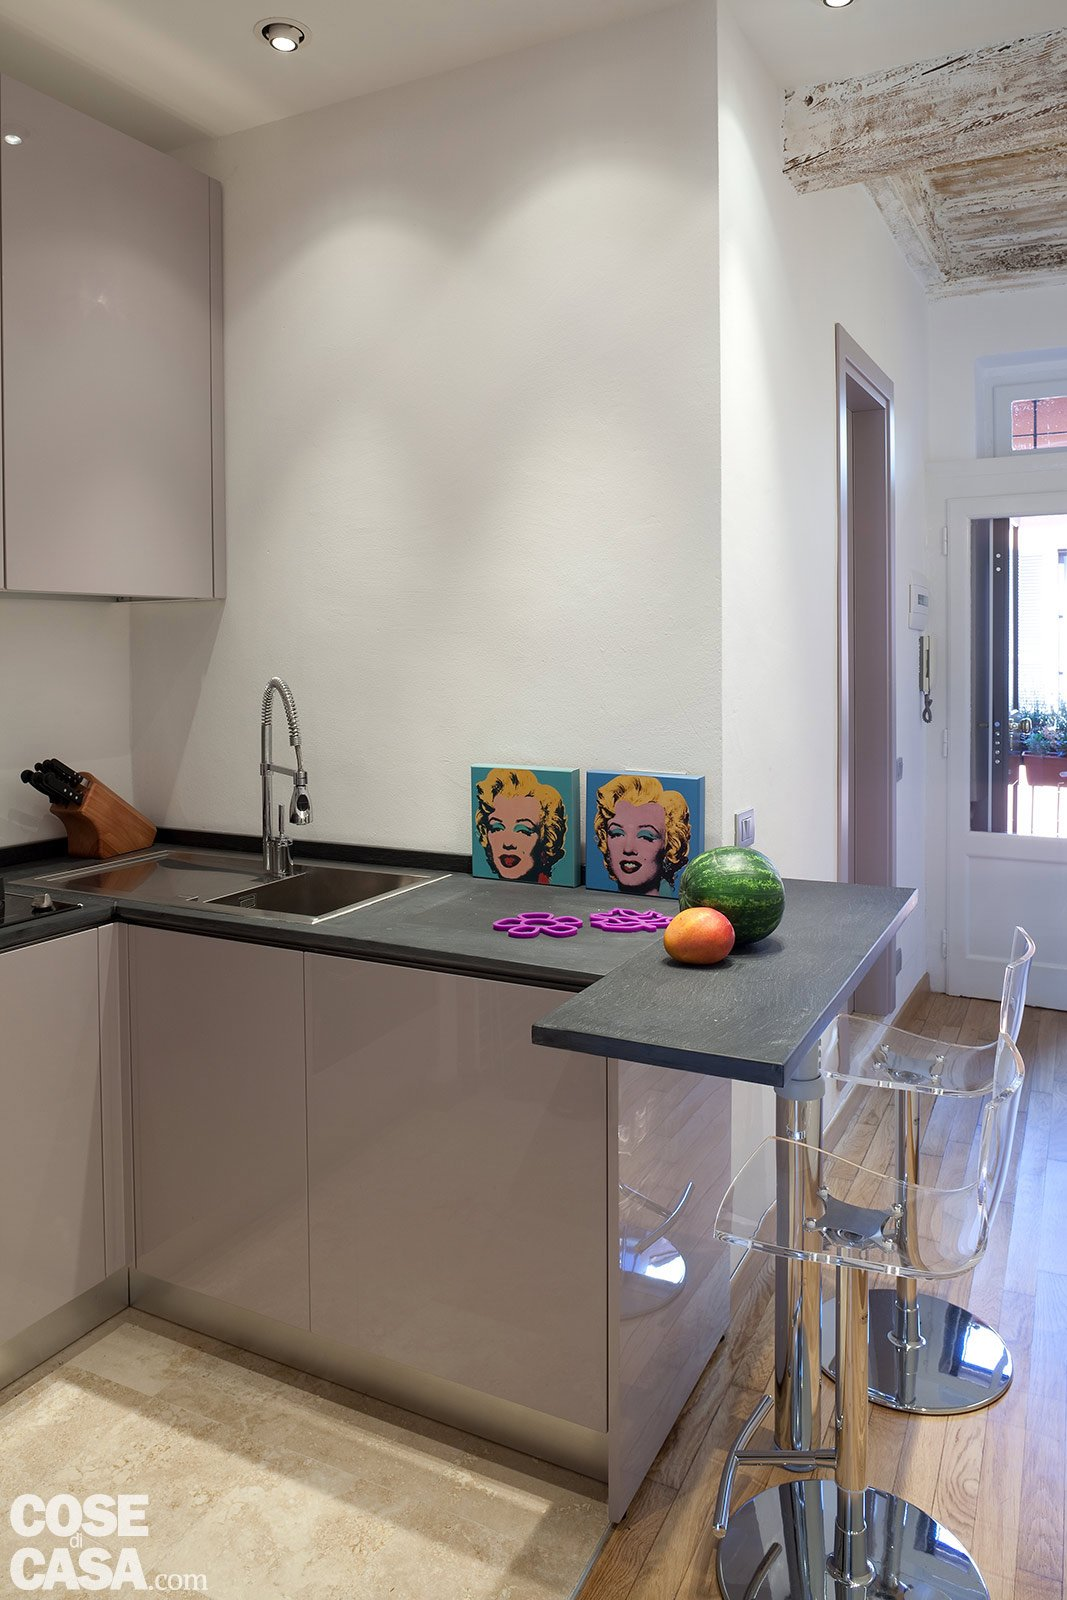 casabook immobiliare una casa stretta e lunga che